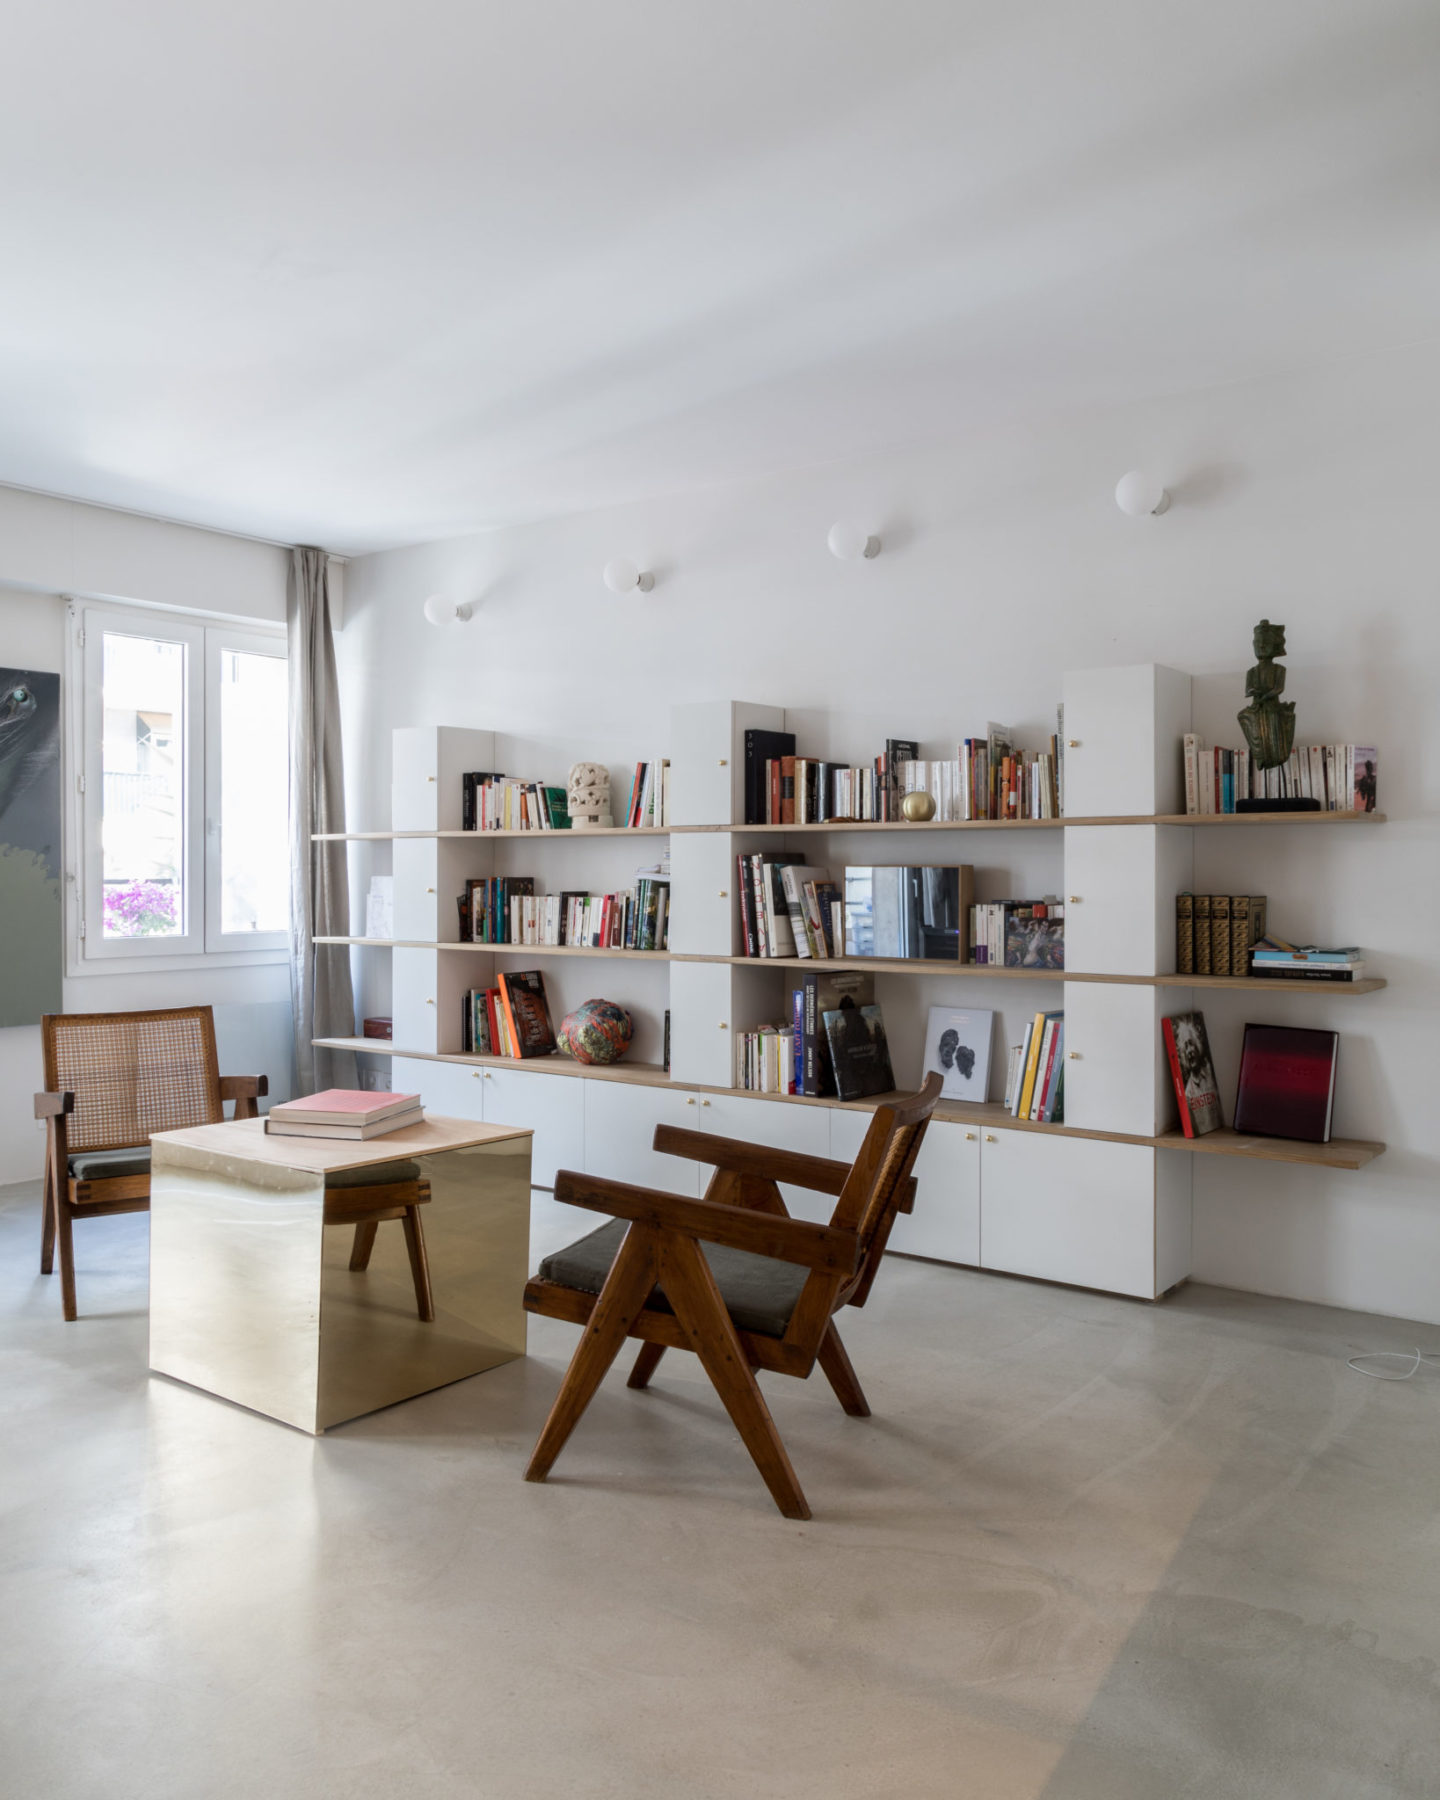 Séjour - Fauteuils Pierre Jeanneret, Le Corbusier. Sol ciment vernis, table cube miroir bronze